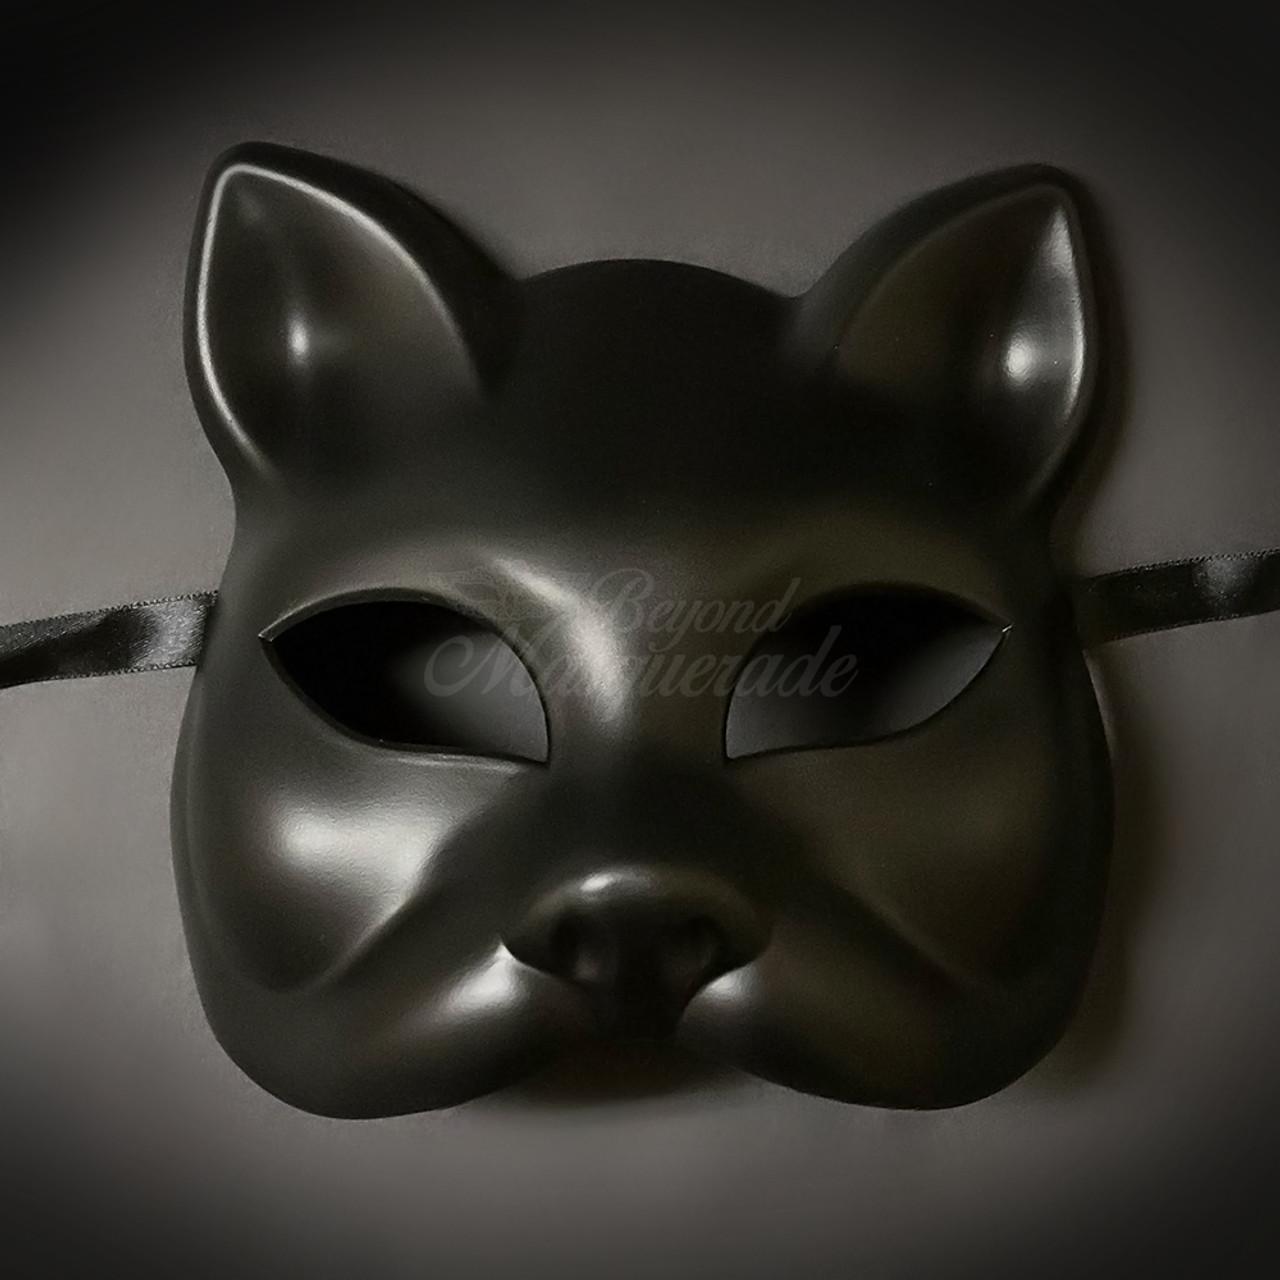 Animal Masquerade Mask Men's Cat Mask Black